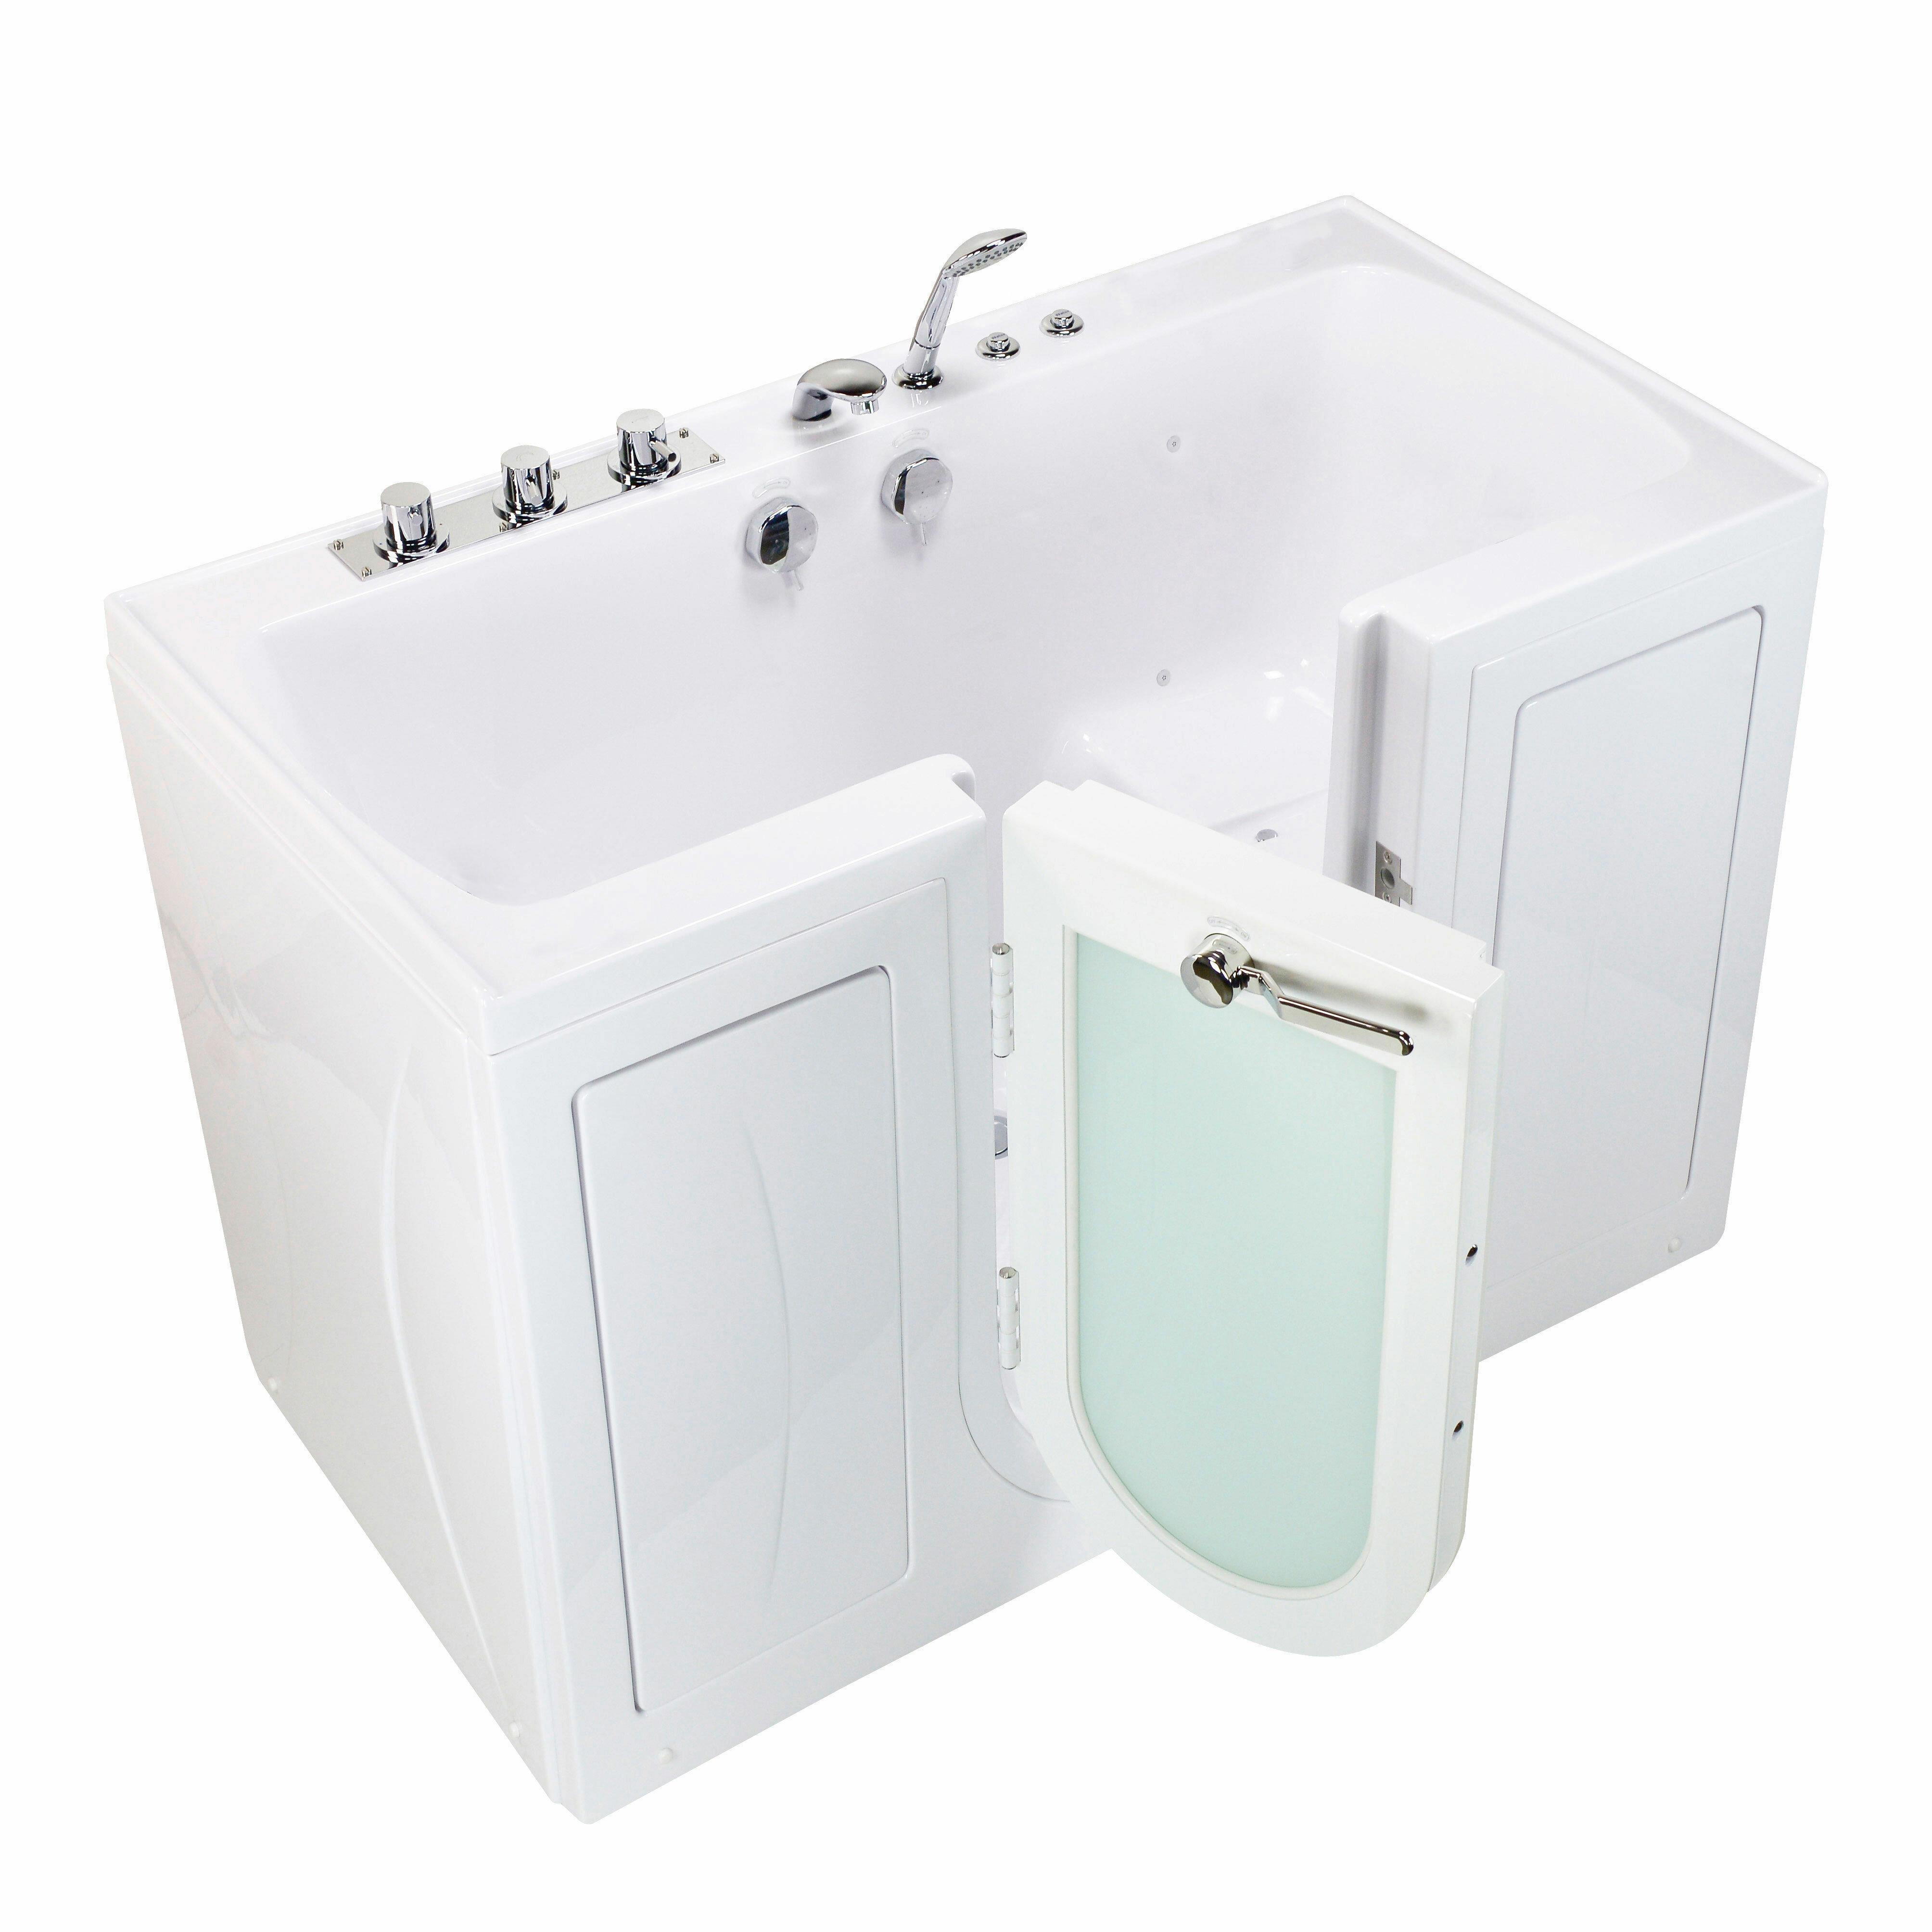 Ella Walk In Bath Tub4Two 60\